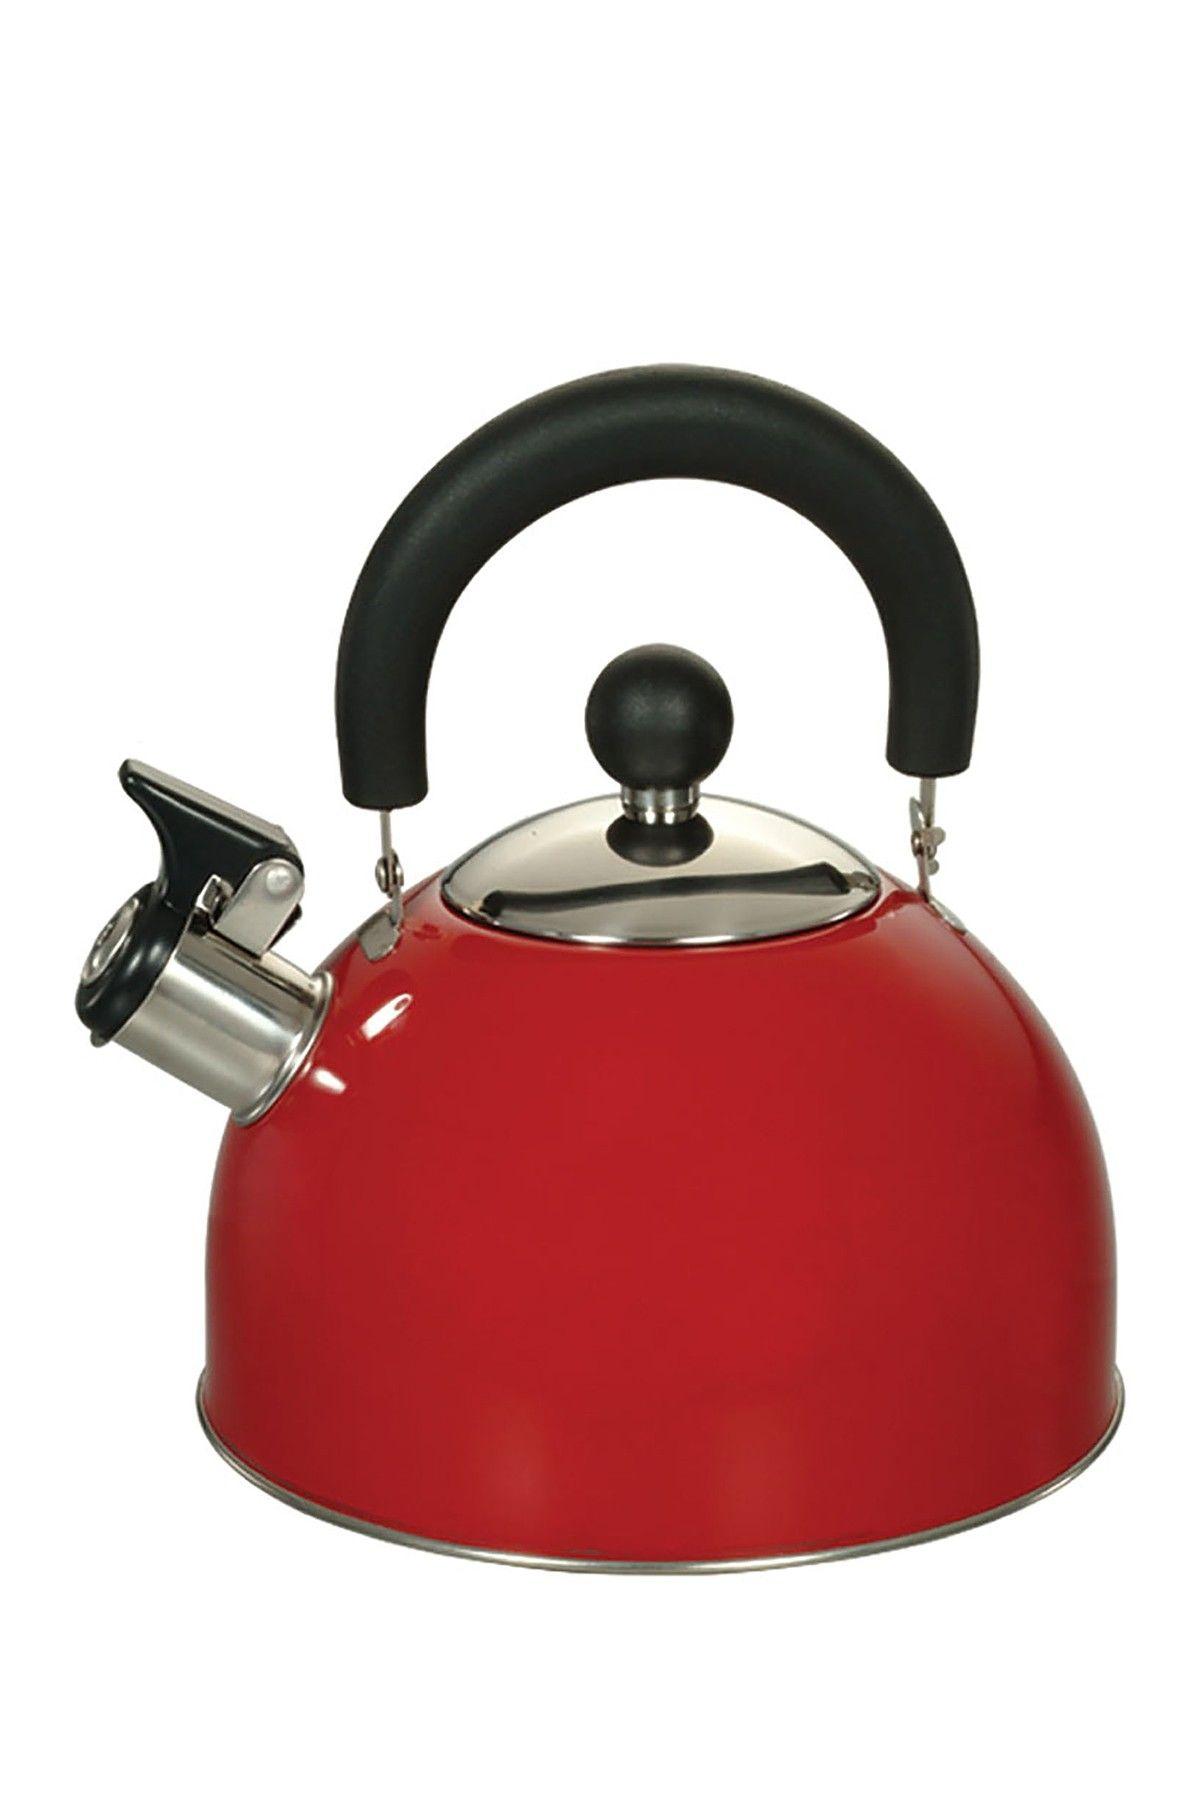 euroware whistling stainless steel red 2 5 qt kettle home design